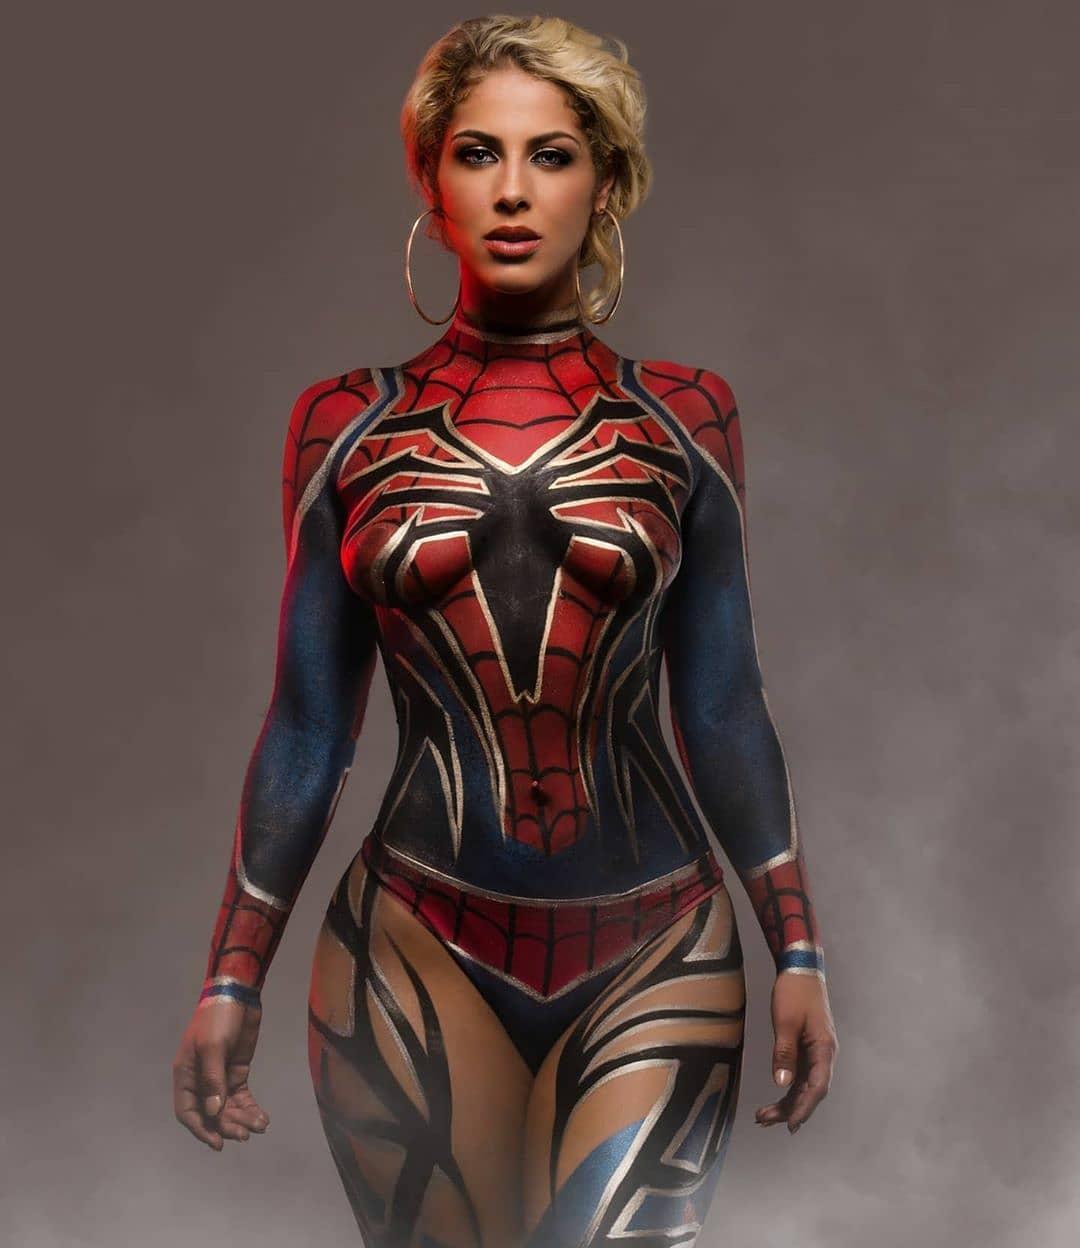 Iron Spider – fernello -jillisalynn